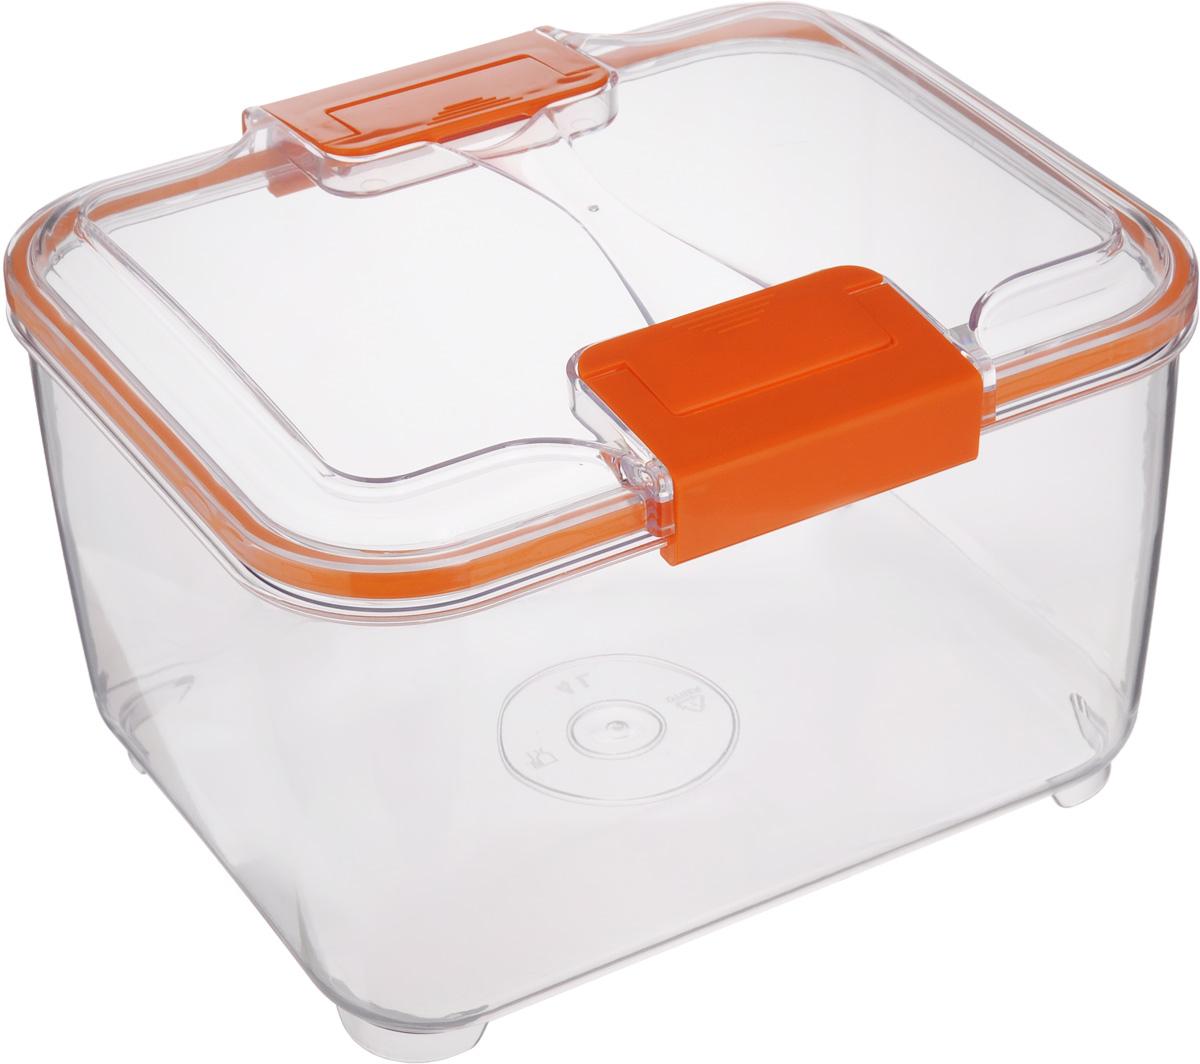 Контейнер Status, цвет: прозрачный, оранжевый, 4 лVT-1520(SR)Пищевой контейнер Status изготовлен из высококачественного пищевого пластика. Контейнер безопасен для здоровья, не содержит BPA. Изделие имеет прямоугольную форму и оснащено плотно закрывающейся крышкой. Прозрачные стенки позволяют видеть содержимое. Контейнер закрывается при помощи двух защелок.Можно мыть в посудомоечной машине.Контейнер подходит для использования вморозильной камере и СВЧ.